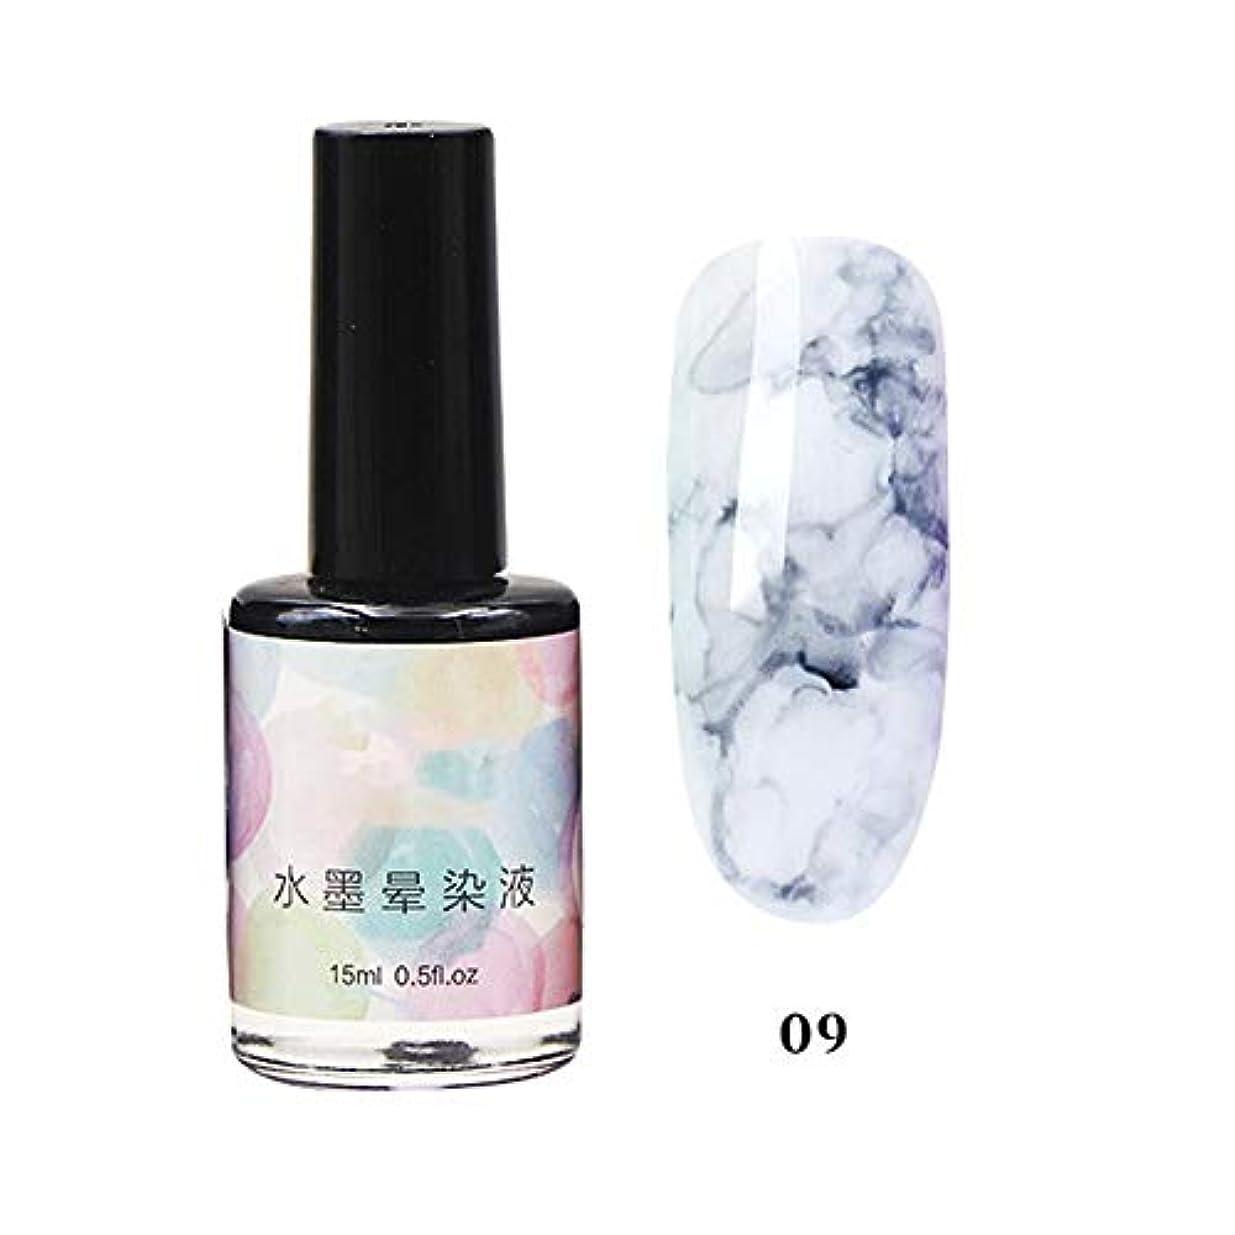 海岸人道的昇る11色選べる ネイルポリッシュ マニキュア ネイルアート 美しい 水墨柄 ネイルカラー 液体 爪に塗って乾かす 初心者でも簡単に使用できる junexi